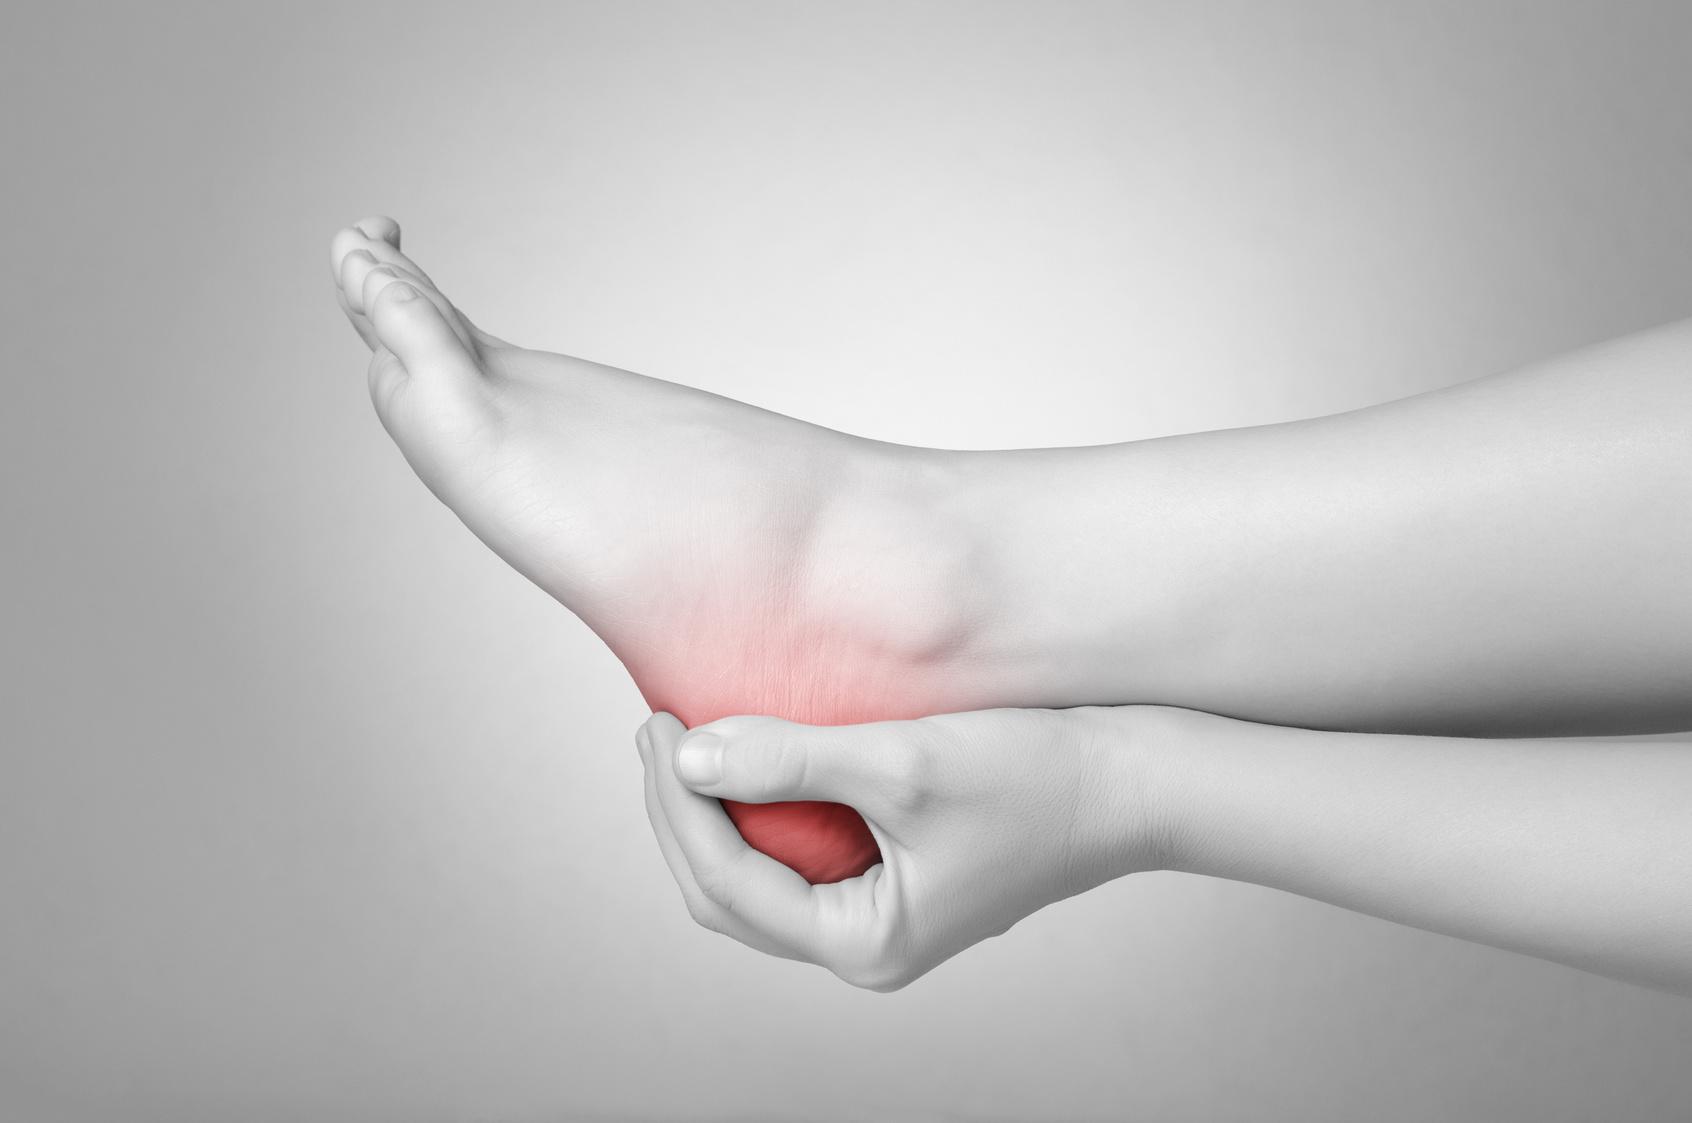 a térd alatti lábfájás visszeres visszér és napenergia